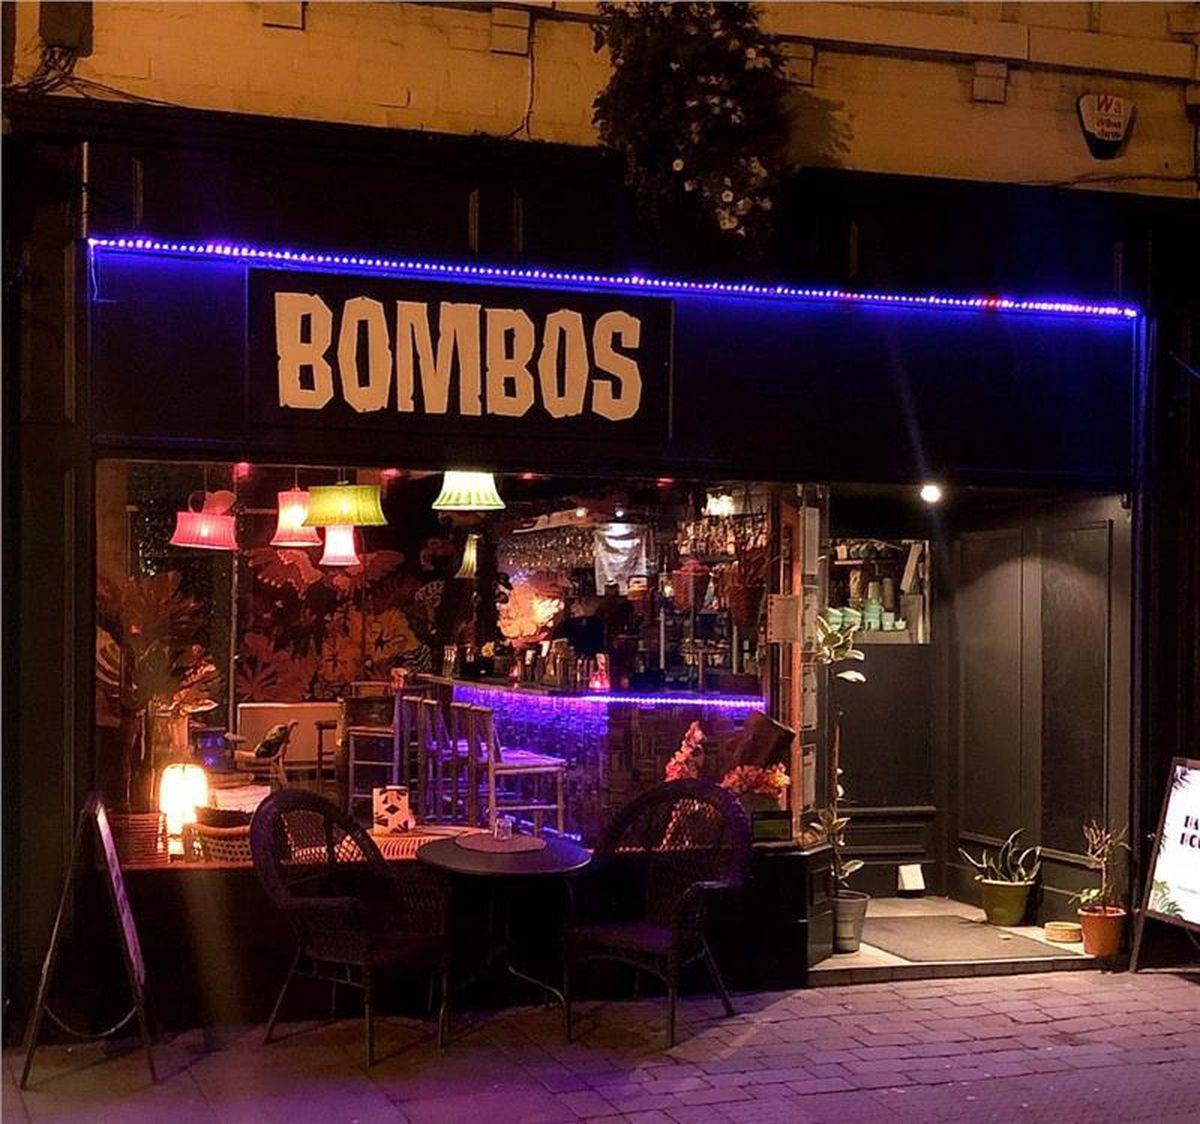 Bombo's in Shrewsbury